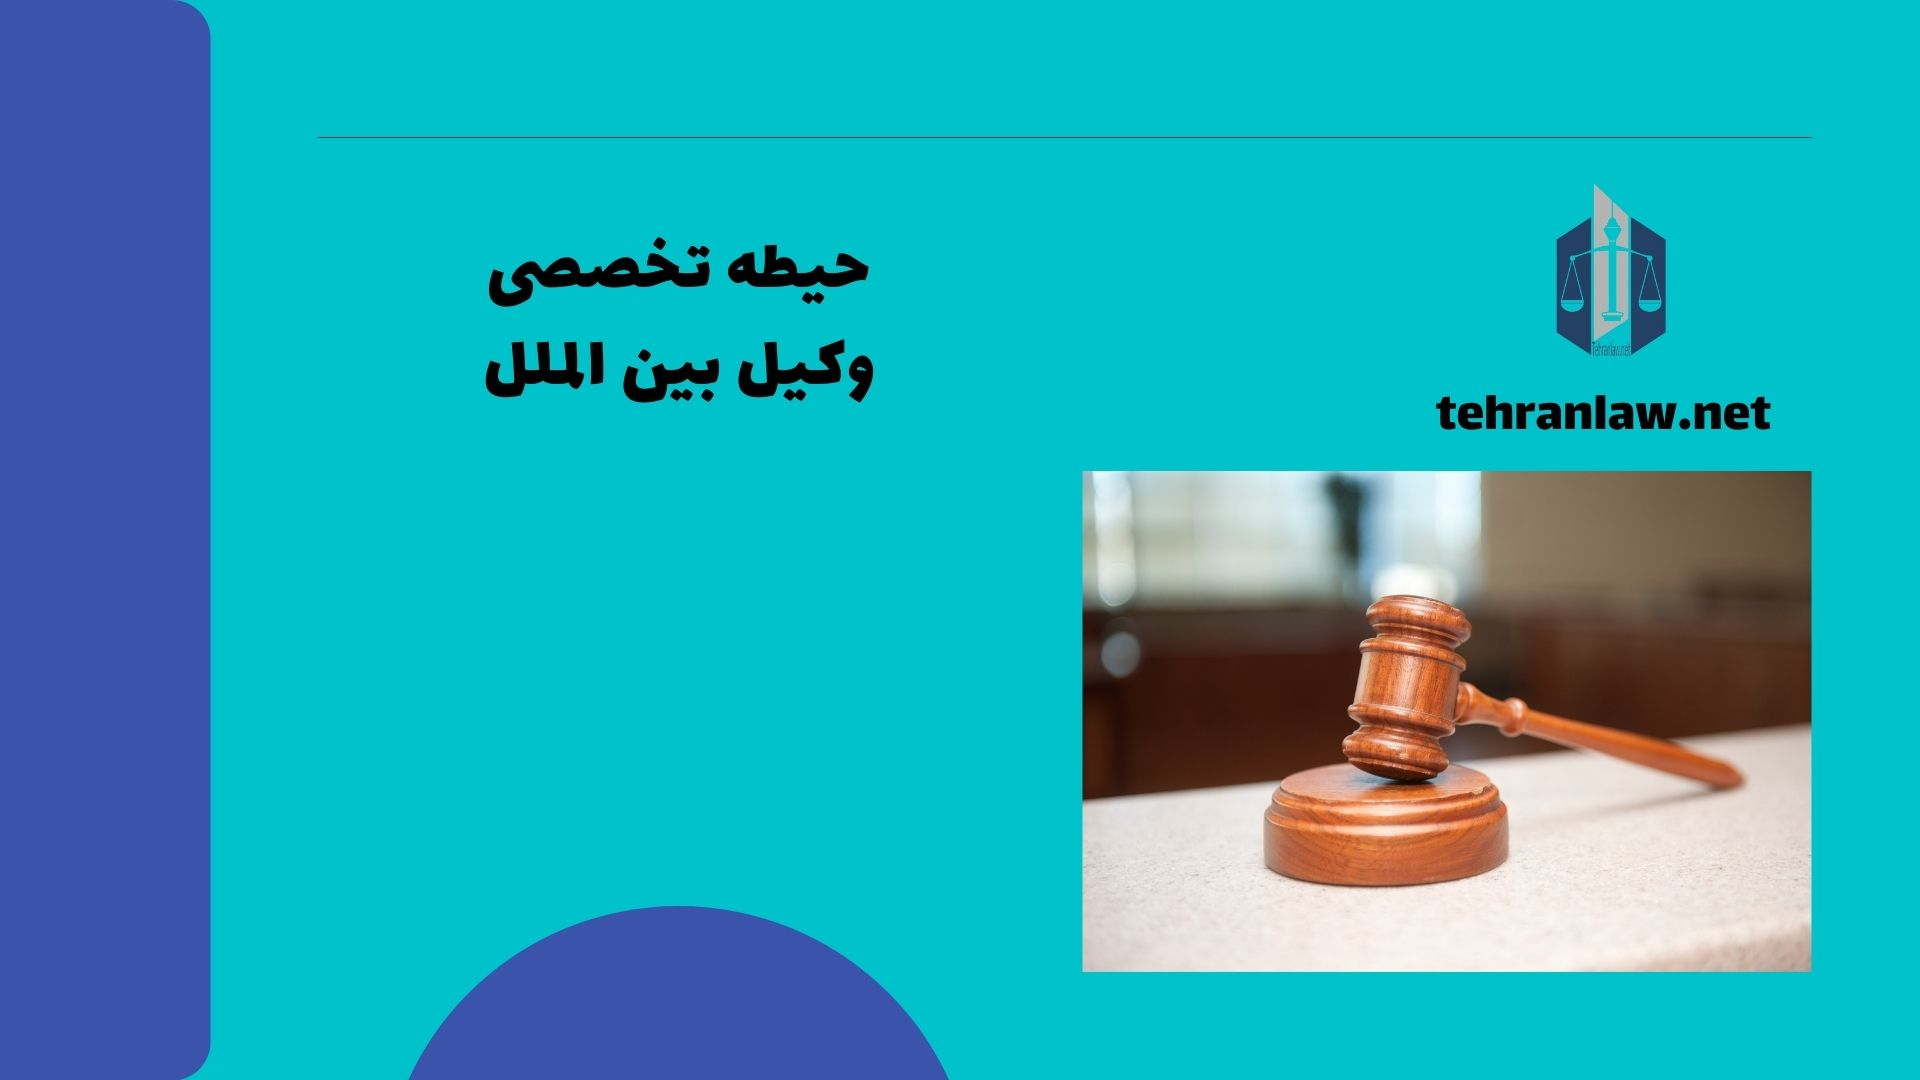 حیطه تخصصی وکیل بین الملل